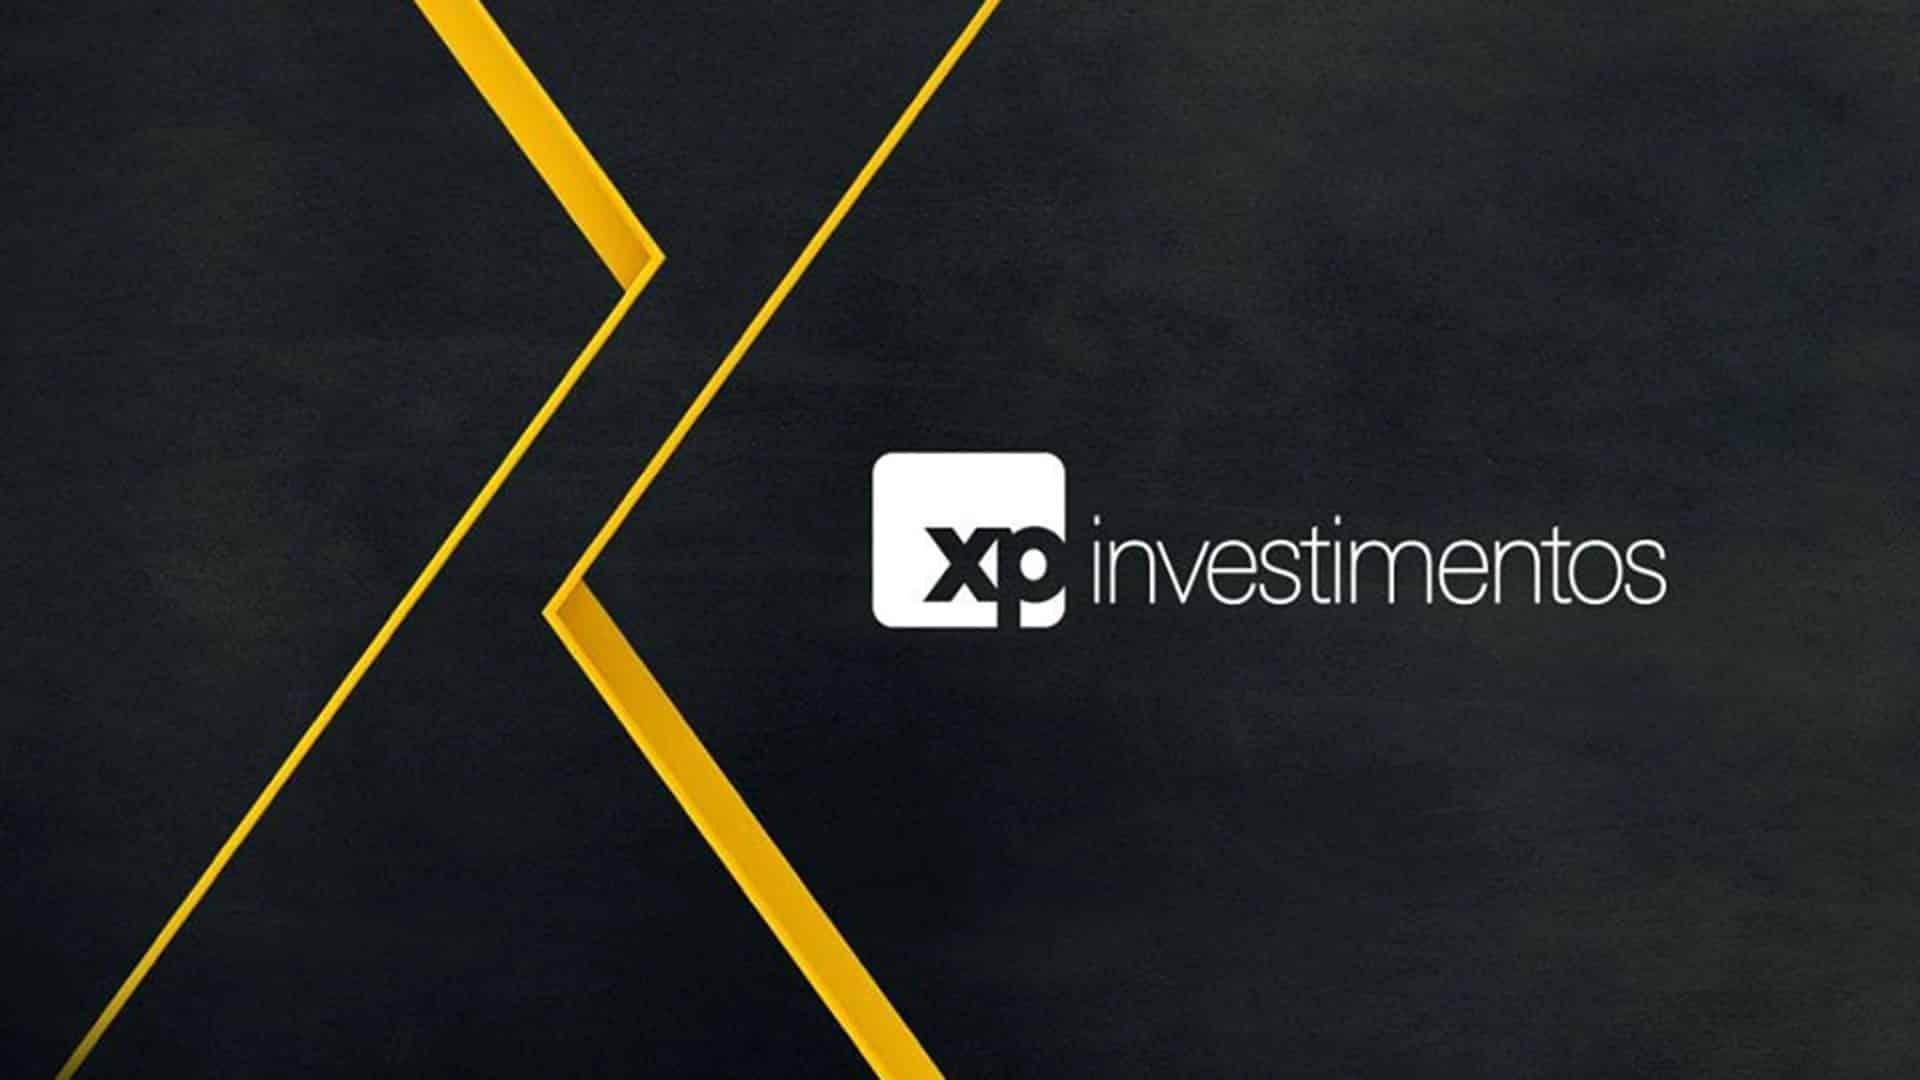 XP Investimentos - Porque a XP é a Melhor Corretora e mais ...